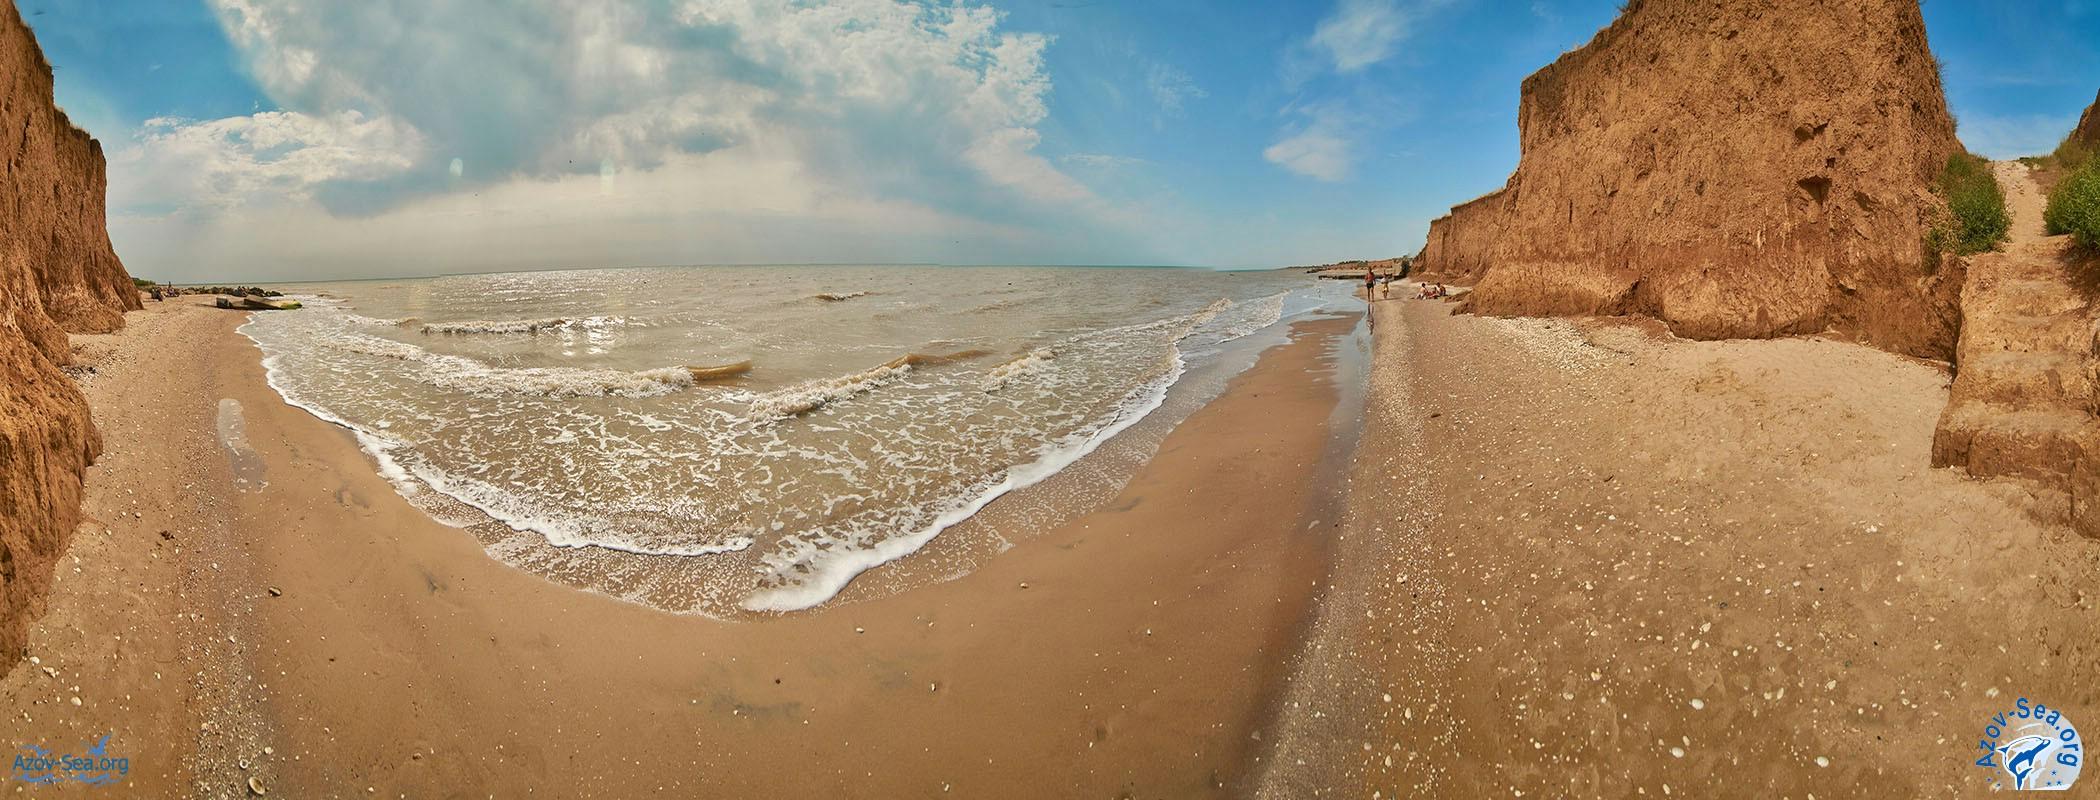 Панорама пляжа. Гостевой дом ДНЕПР. Степановка Первая. Отдых на Азовском море.